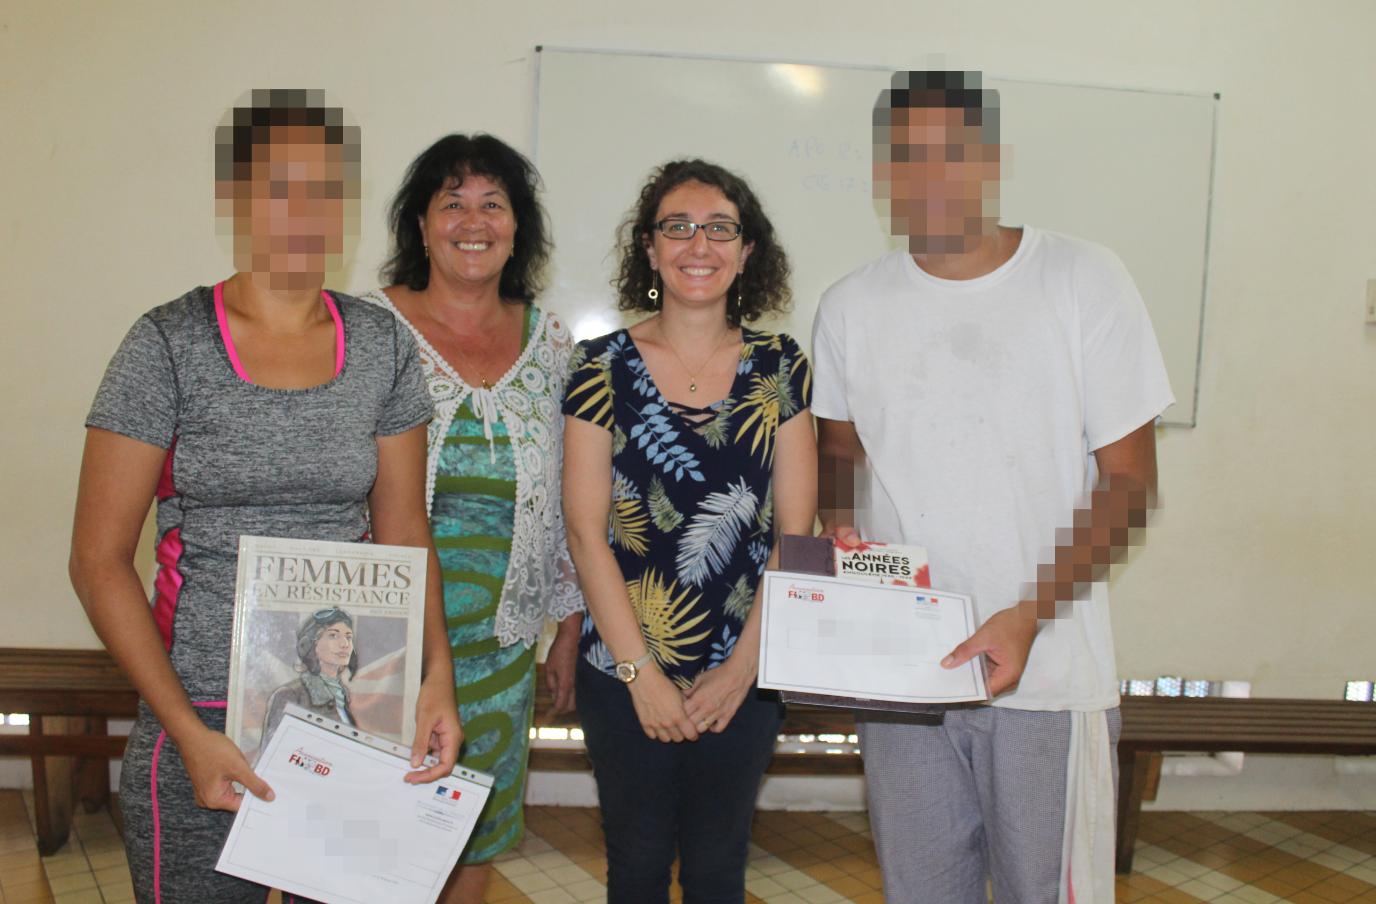 : Deux des lauréats, aux côtés d'Evelyne Le Cloirec et de Mélanie Place, lors de la remise des prix à Nuutania.